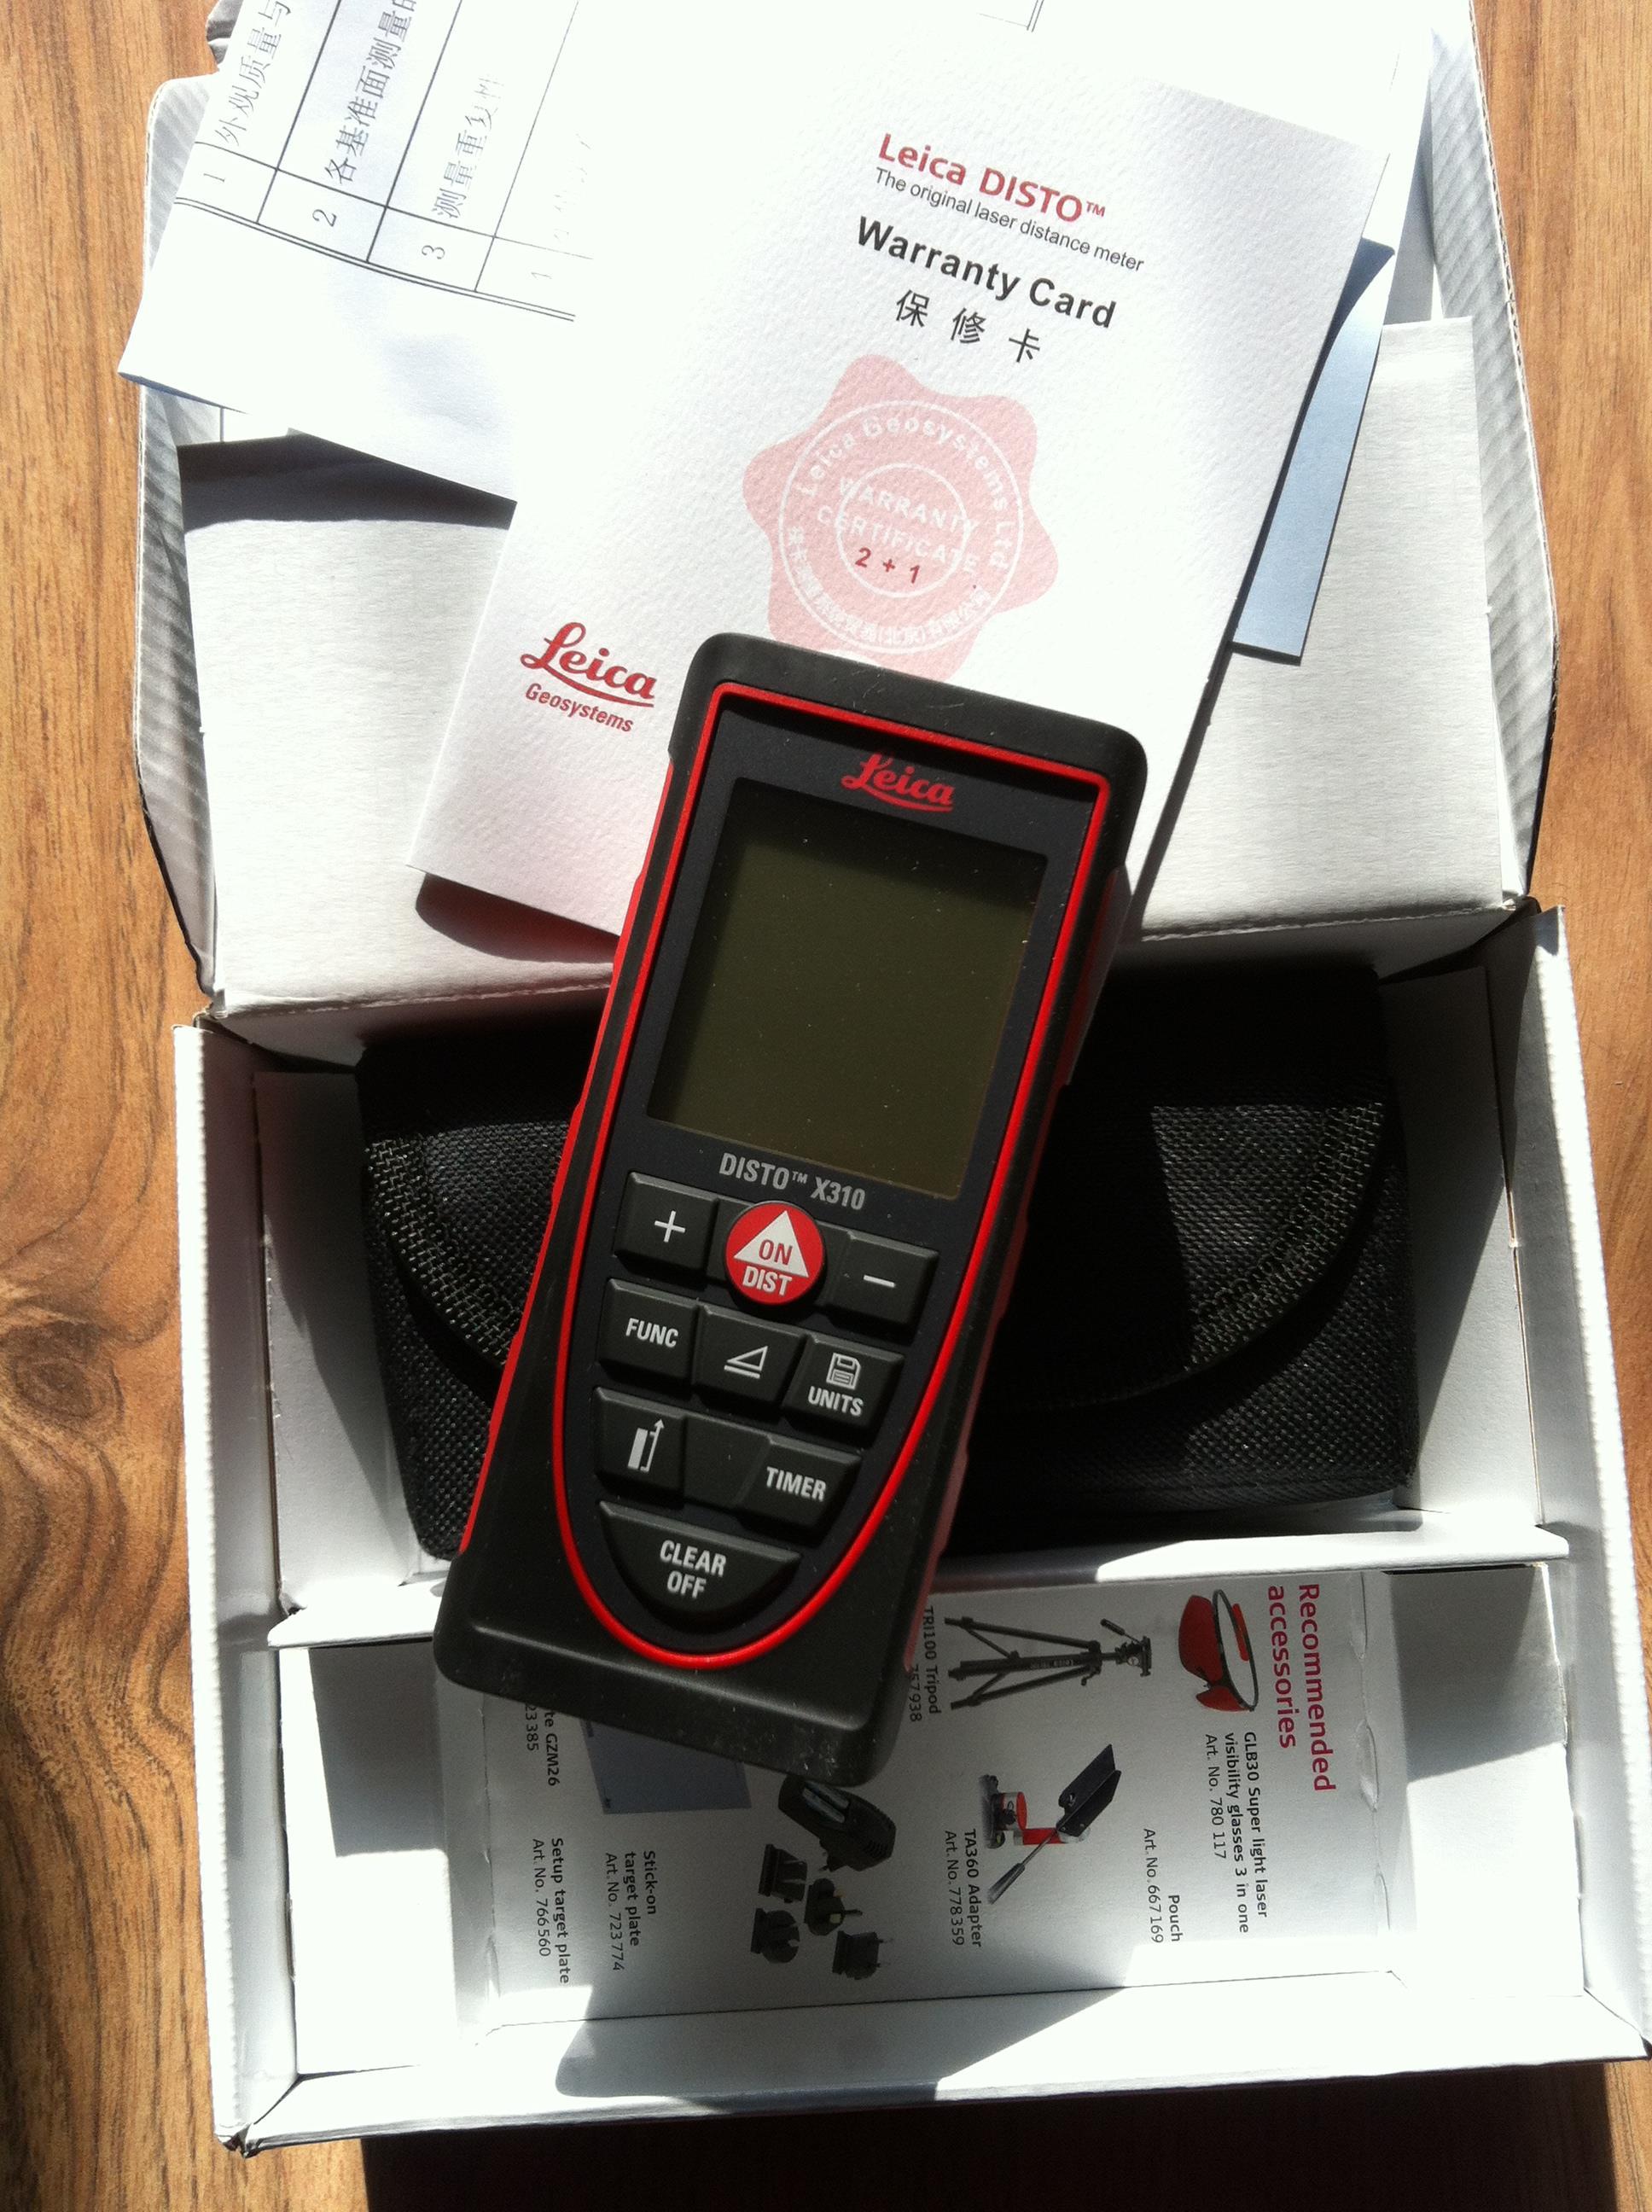 激光测距仪徕卡迪士通X310